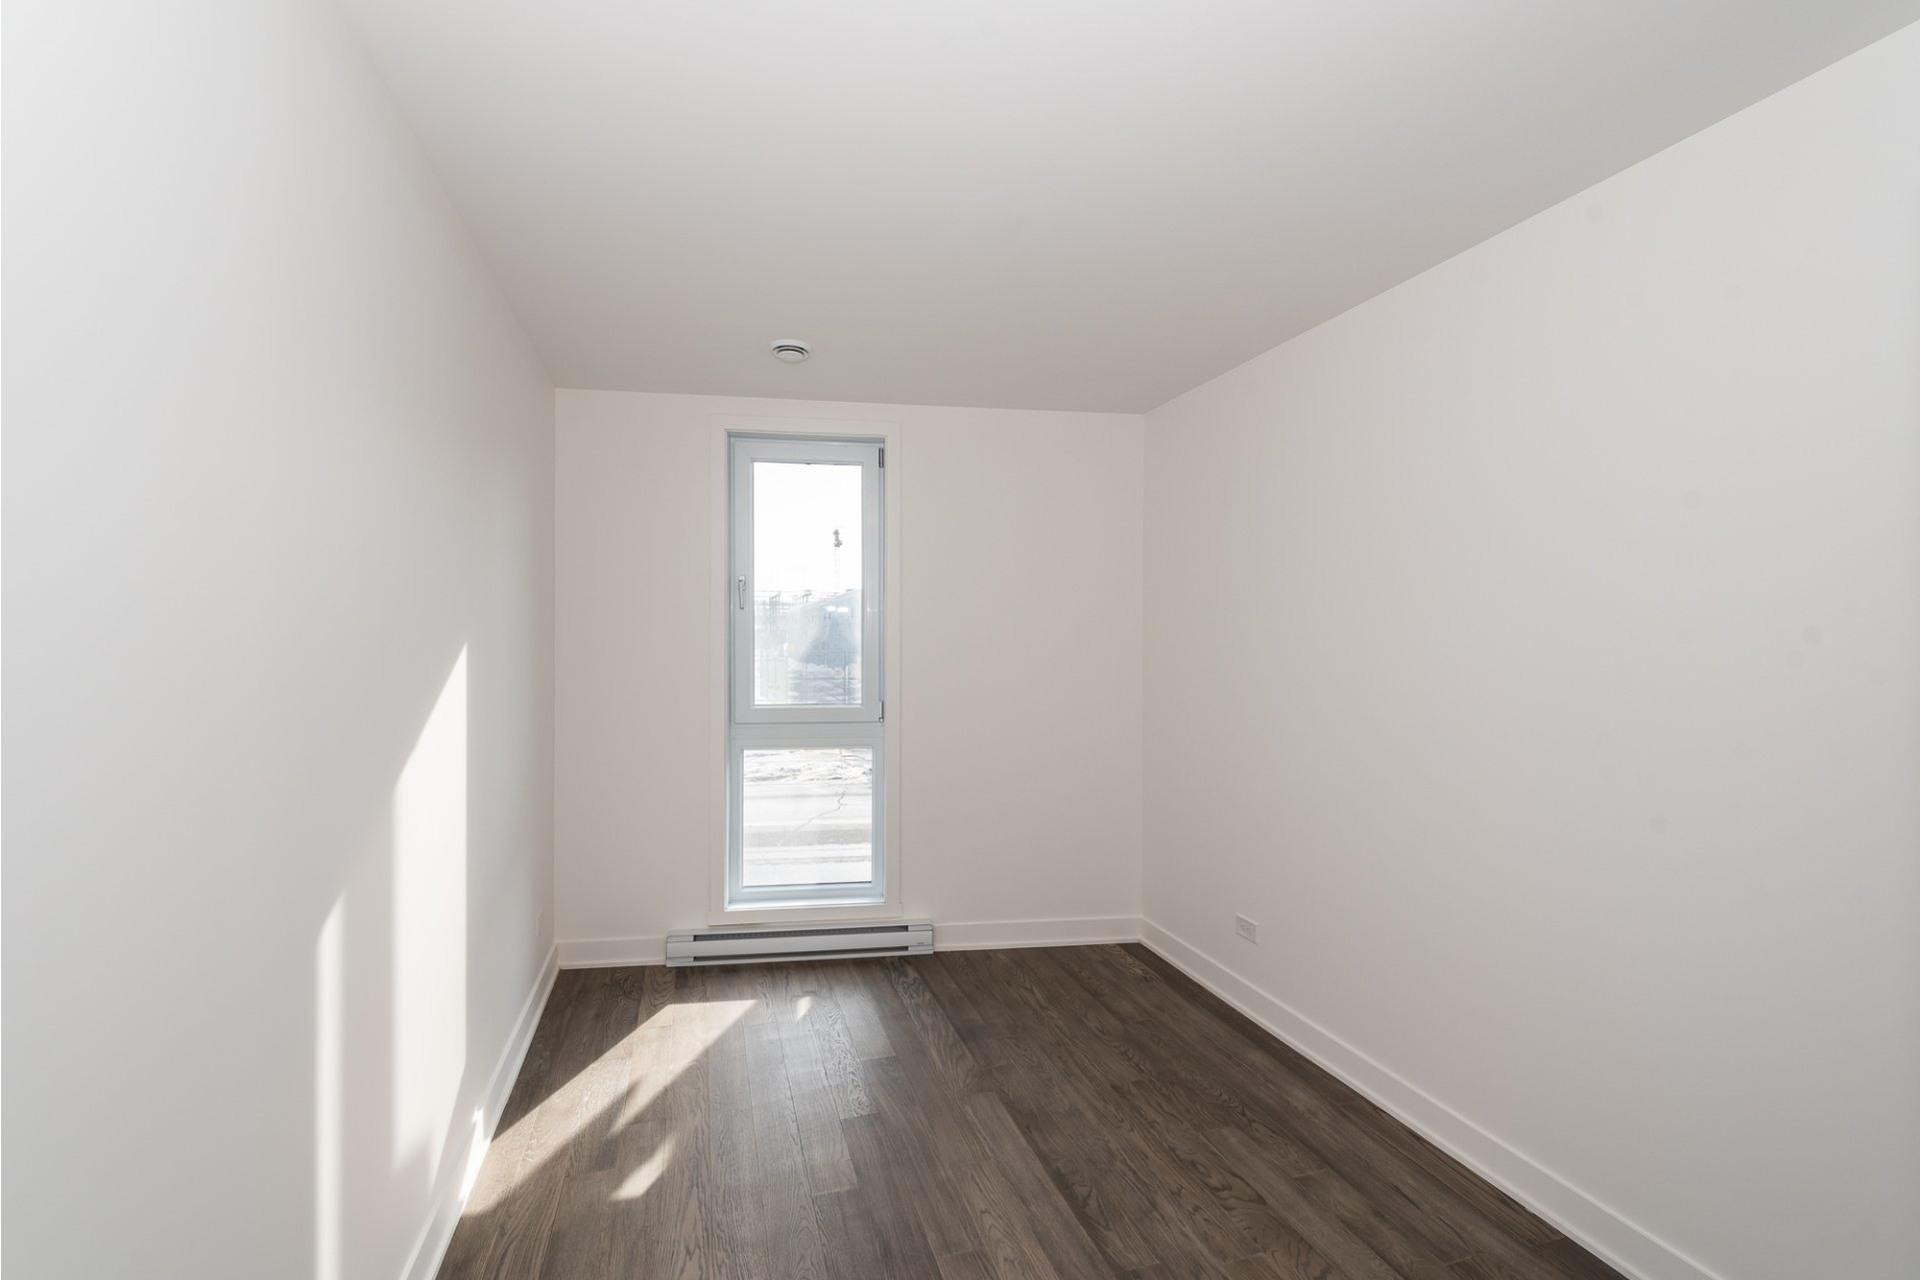 image 15 - Apartment For rent Villeray/Saint-Michel/Parc-Extension Montréal  - 5 rooms